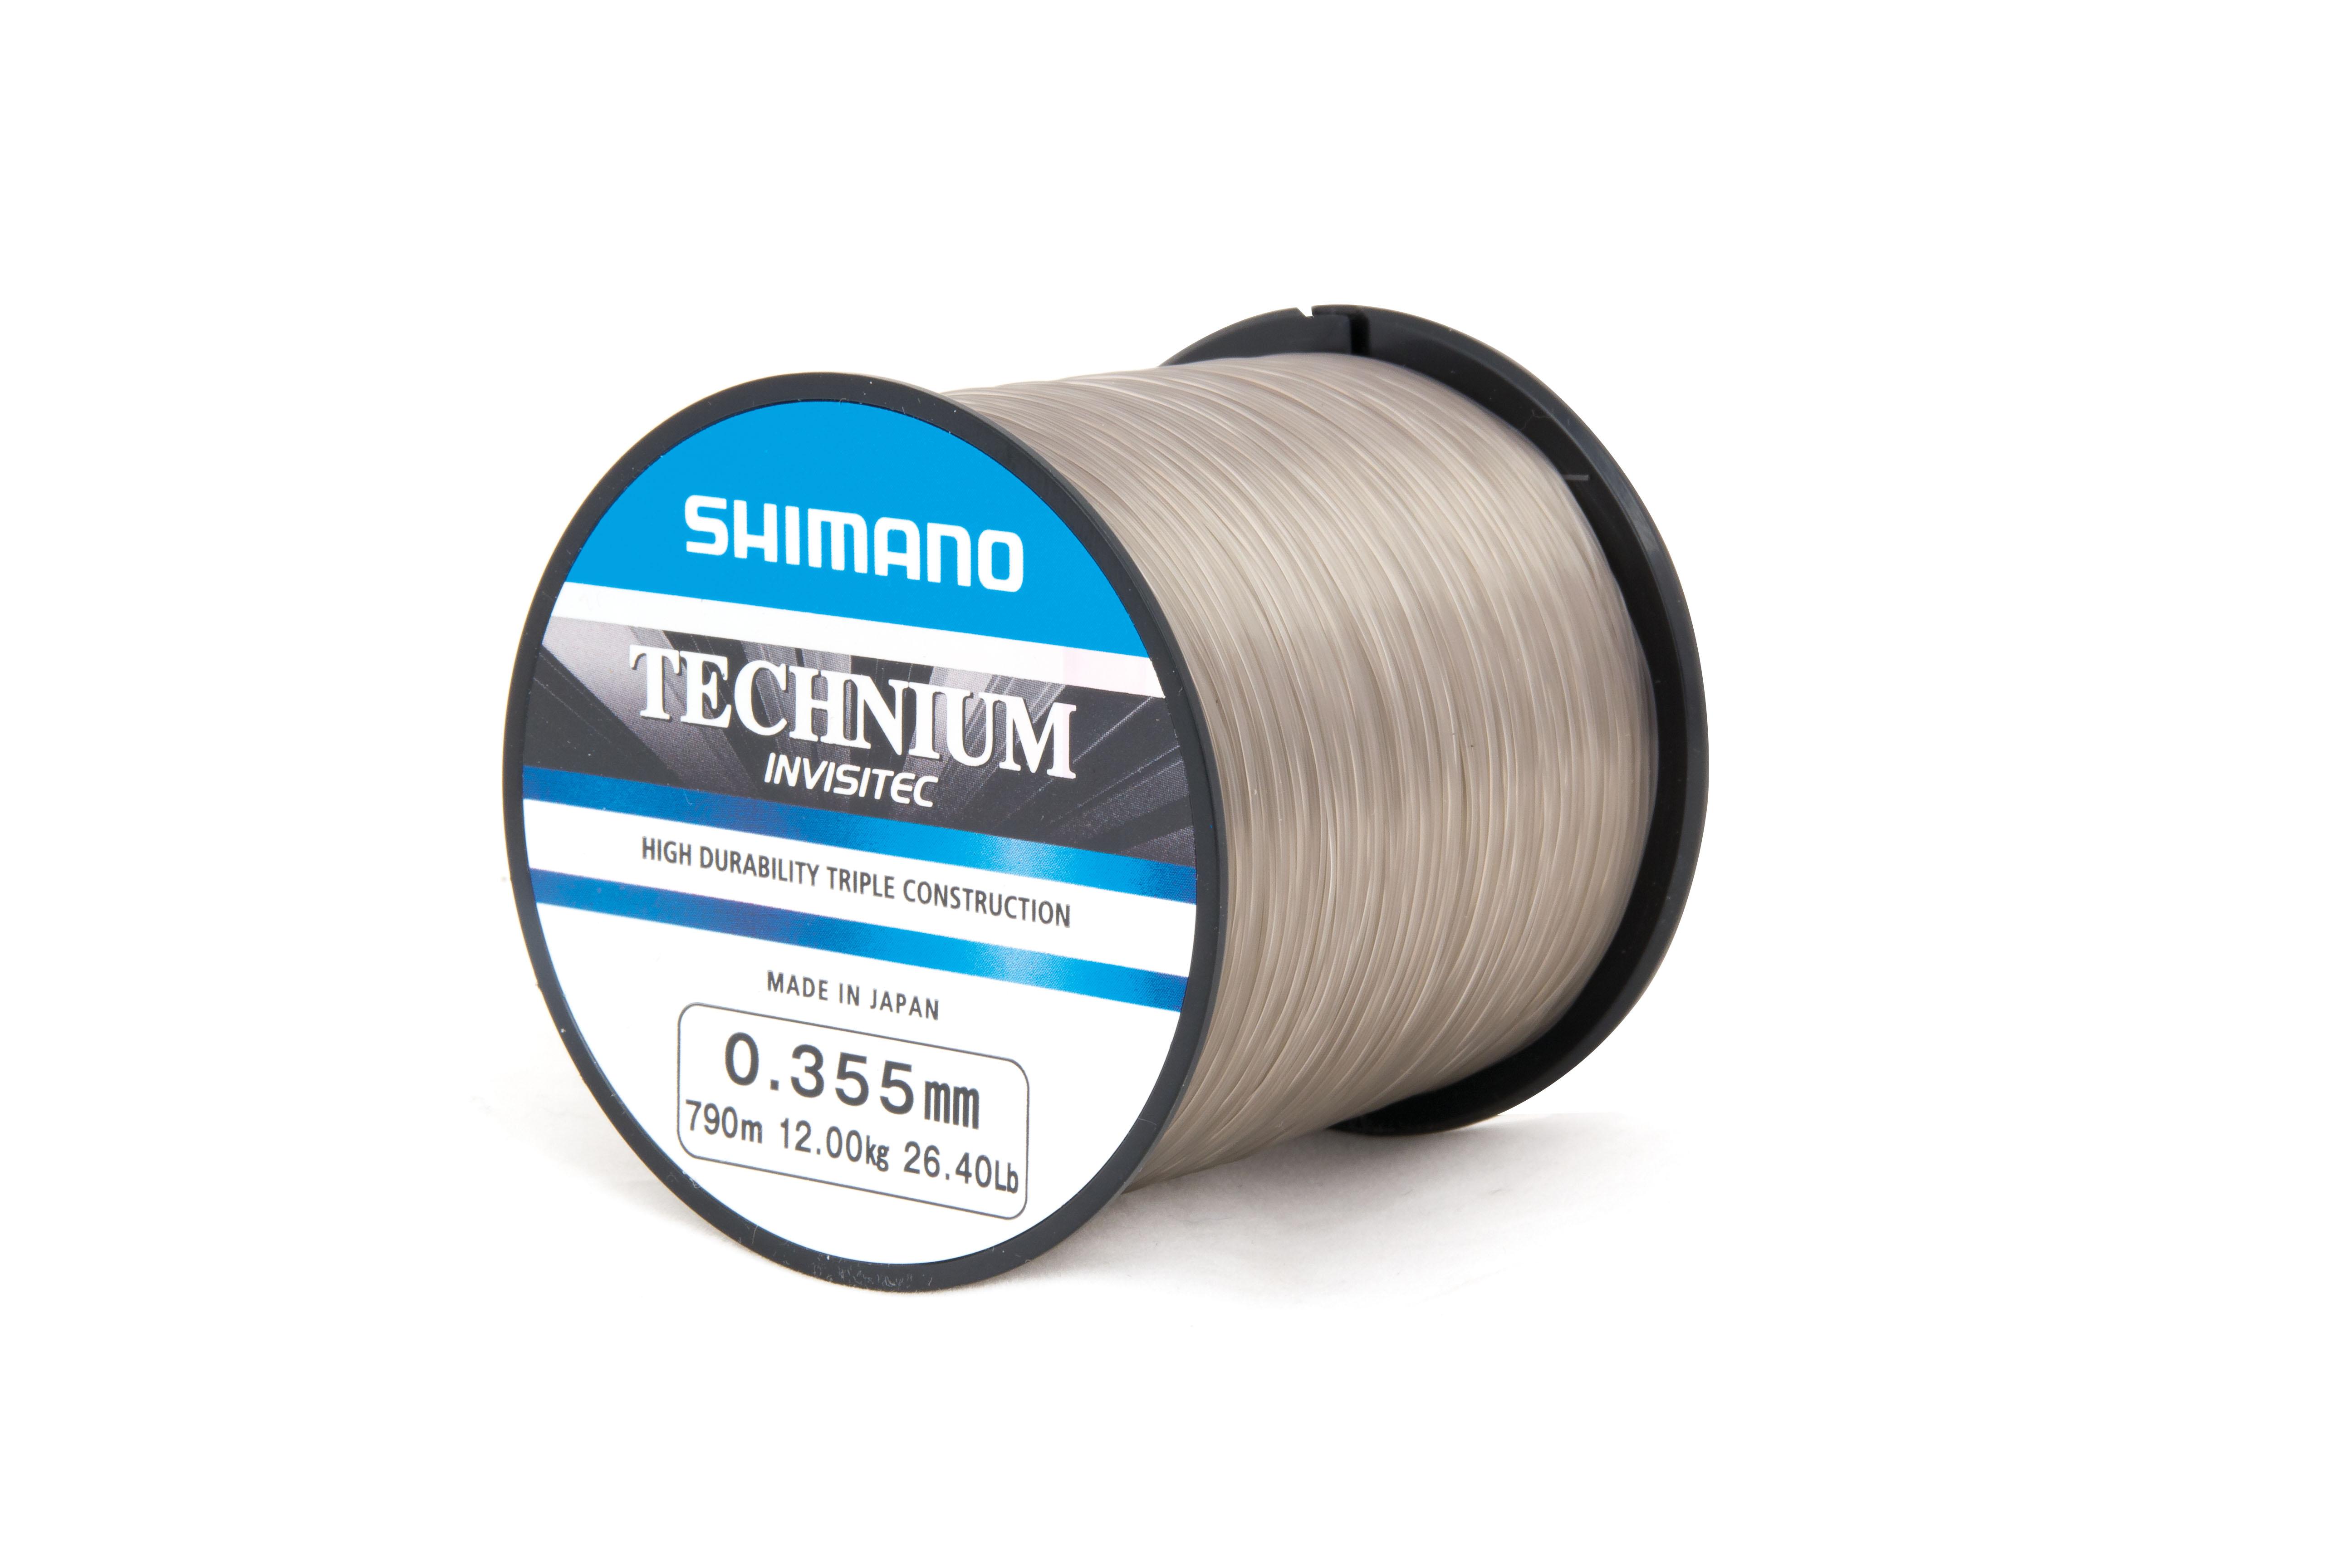 Shimano Technium Invisitec 594m 0,405mm